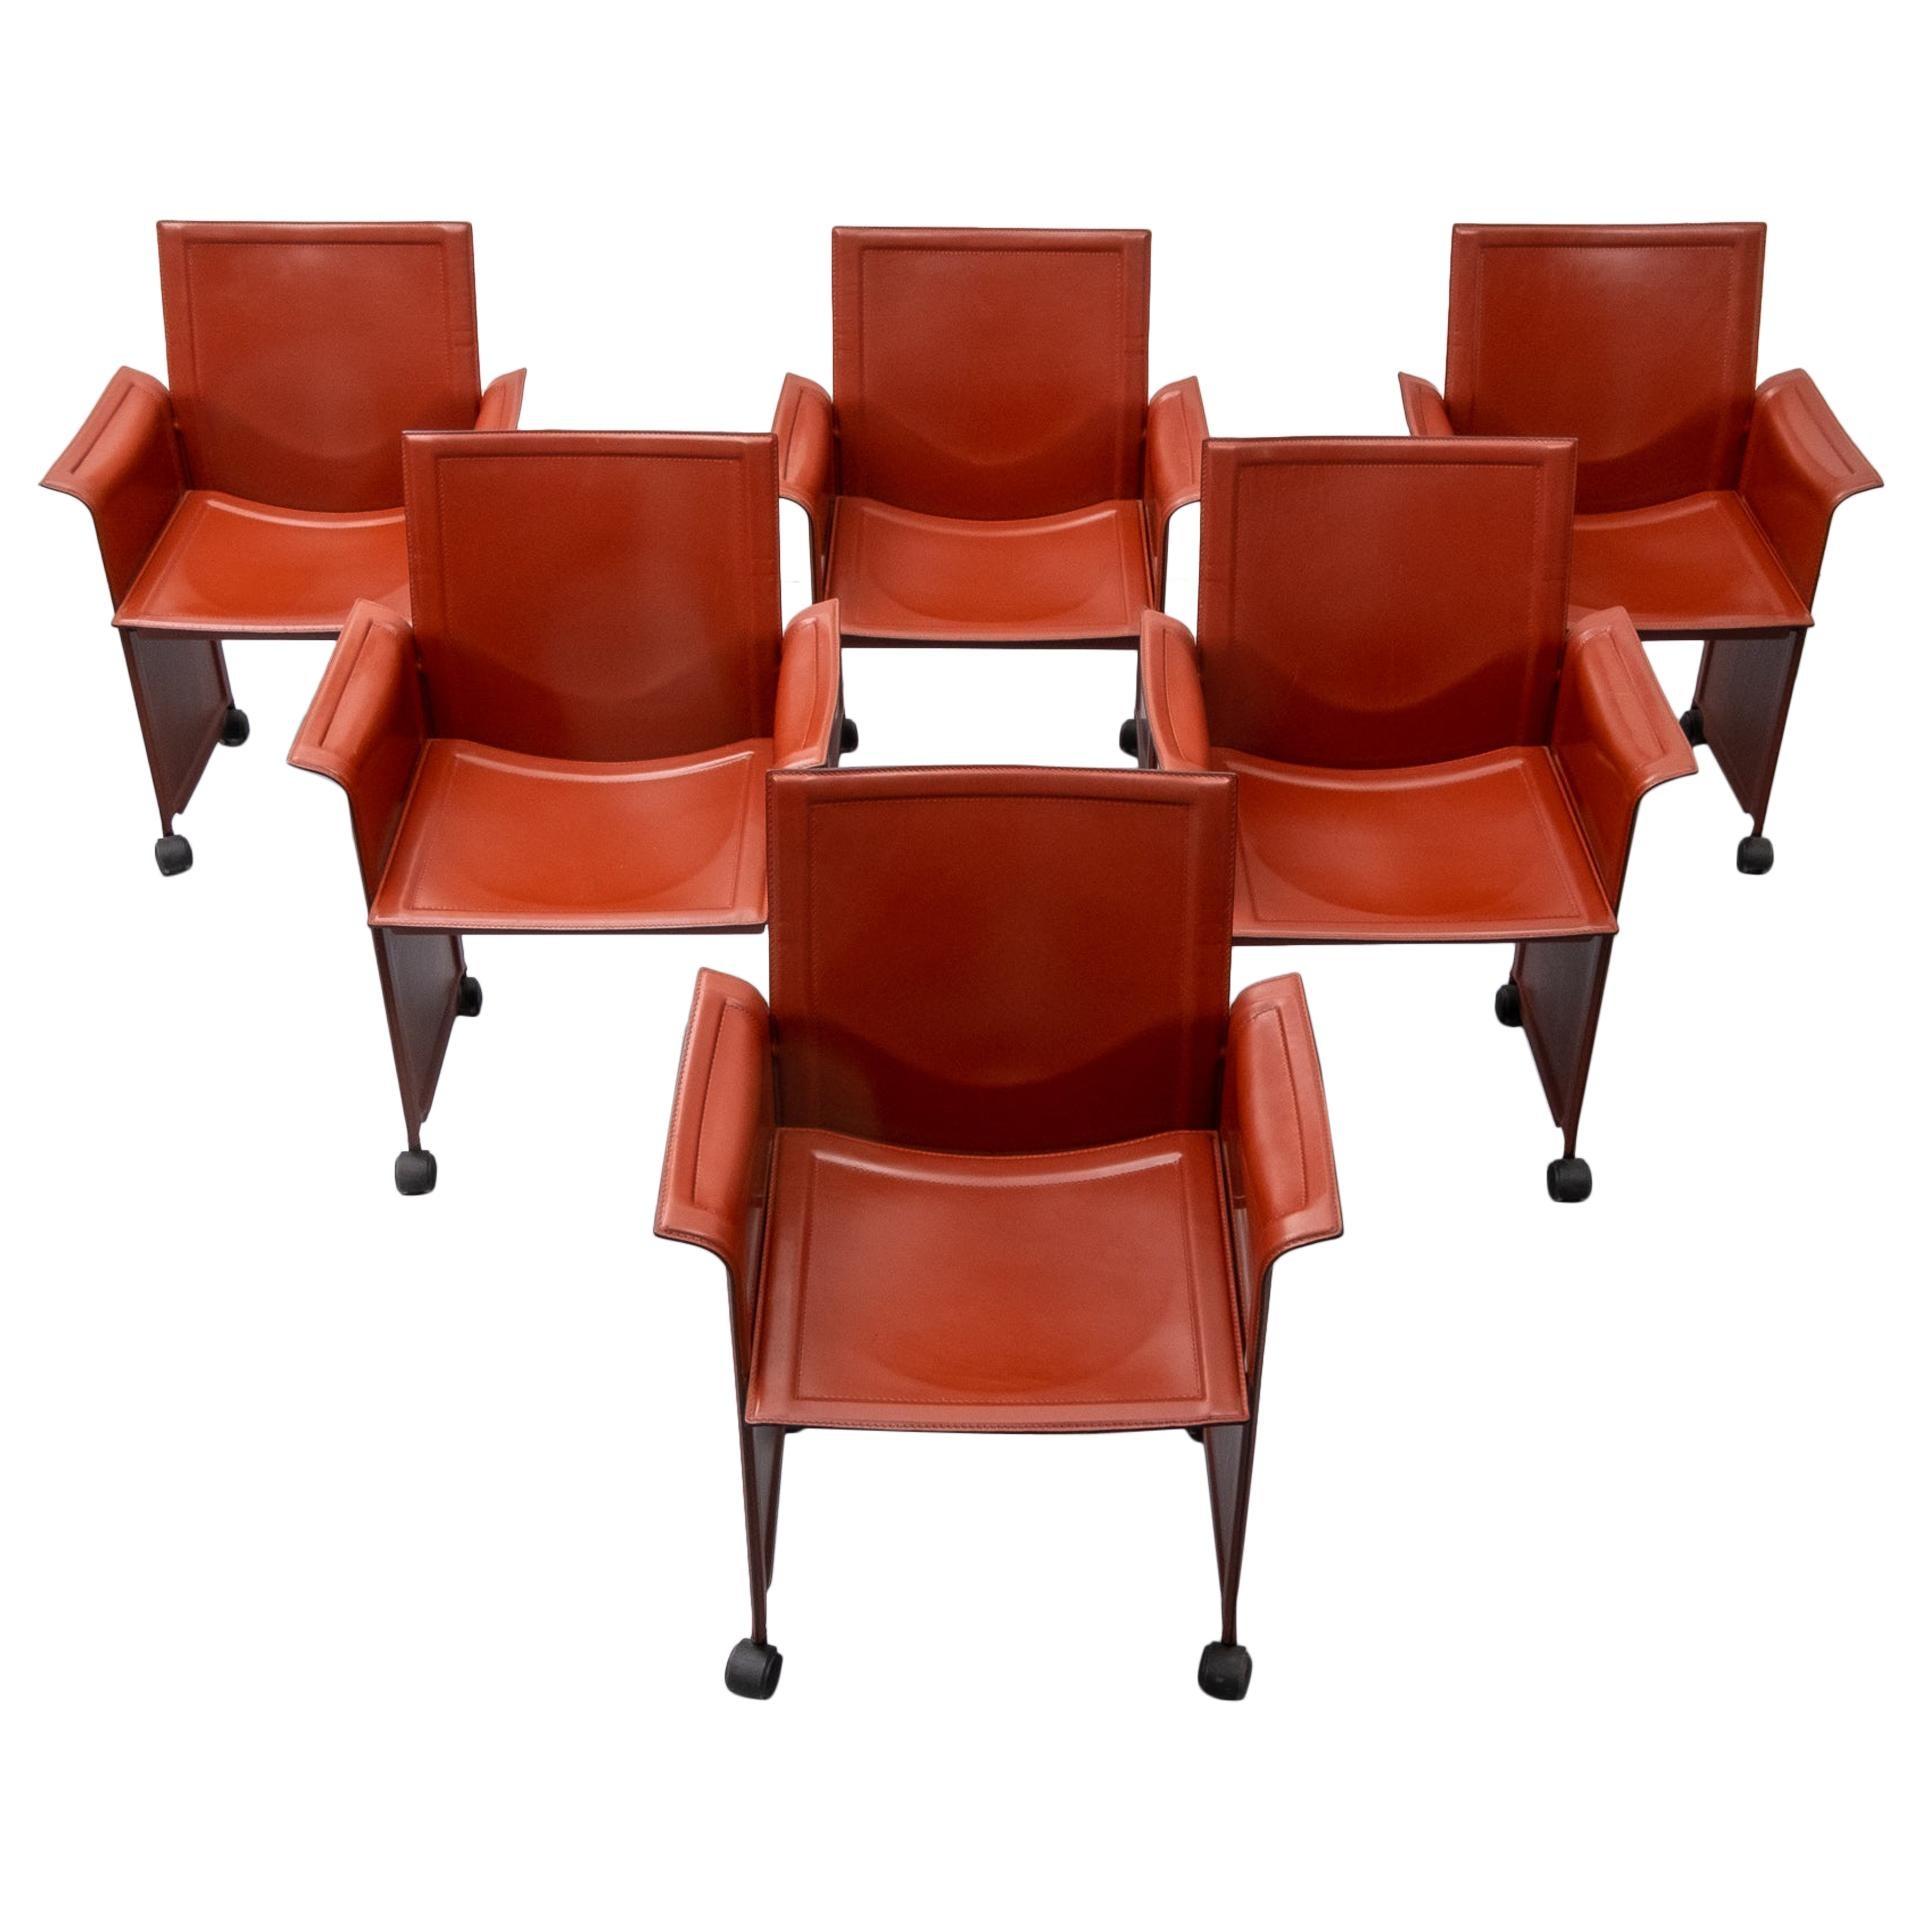 Matteo Grassi Korium armchairs Tito Agnoli